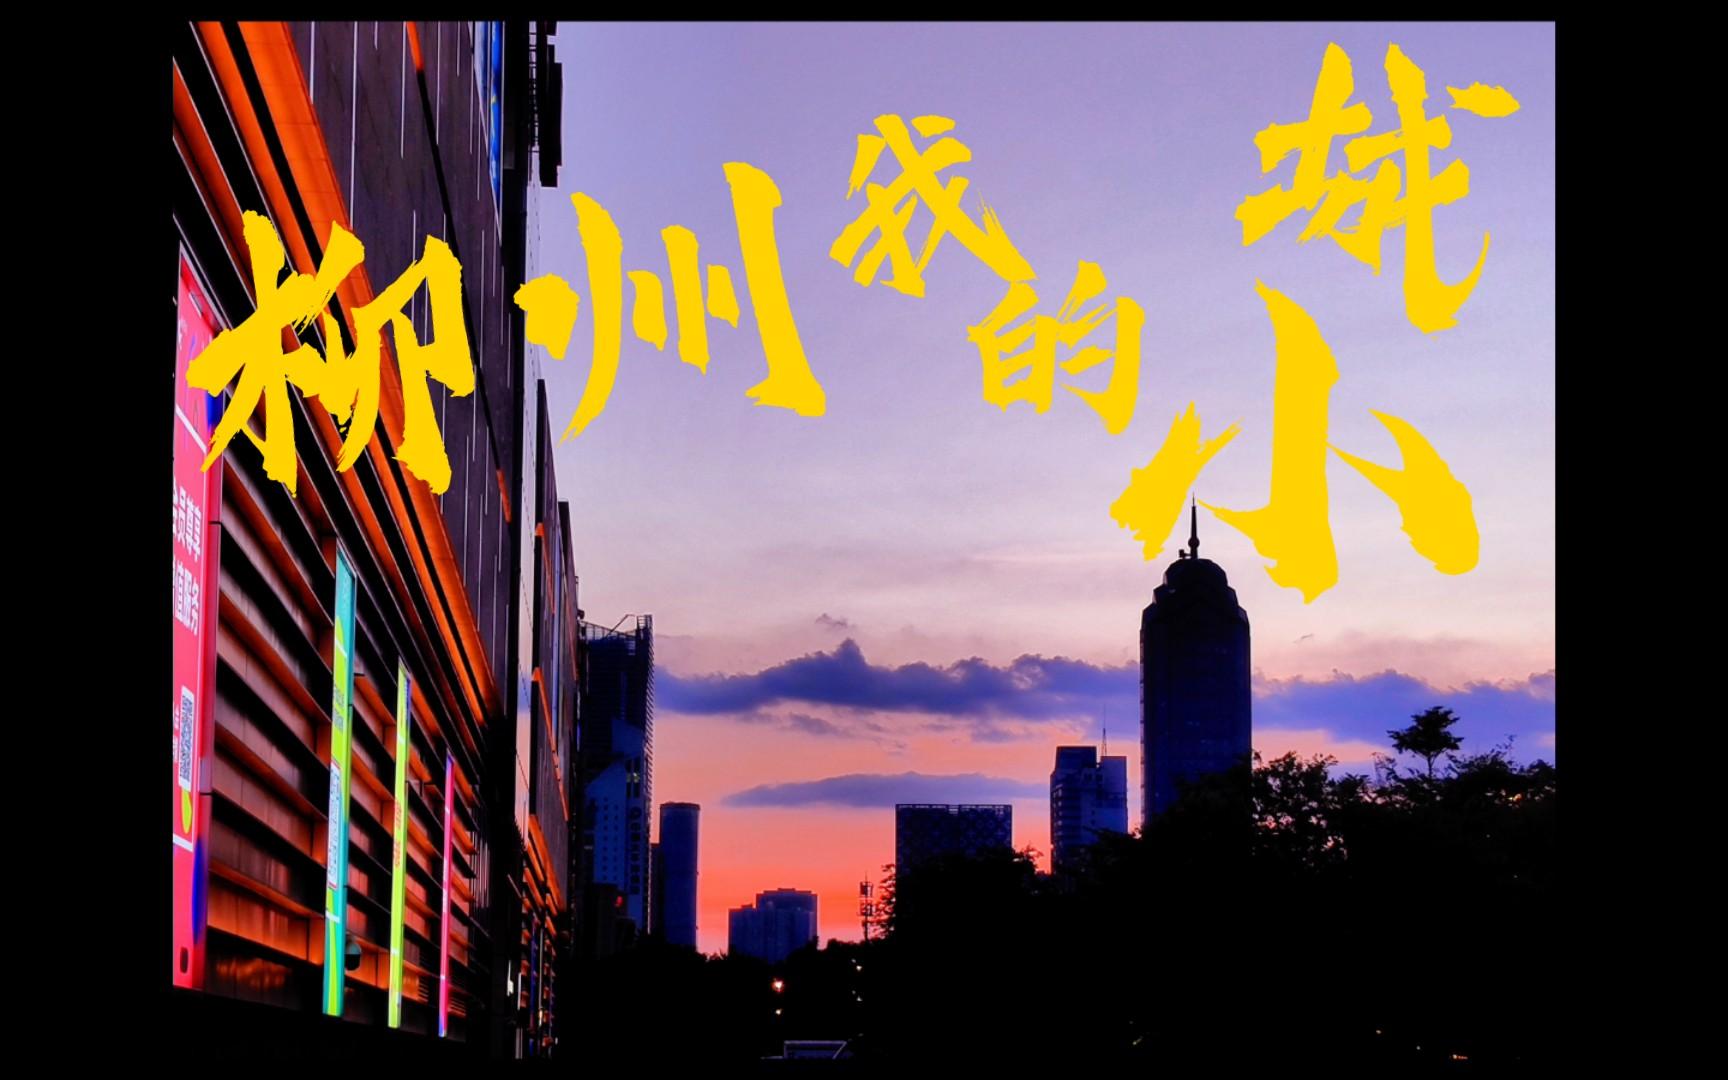 柳州啊 我的小城。